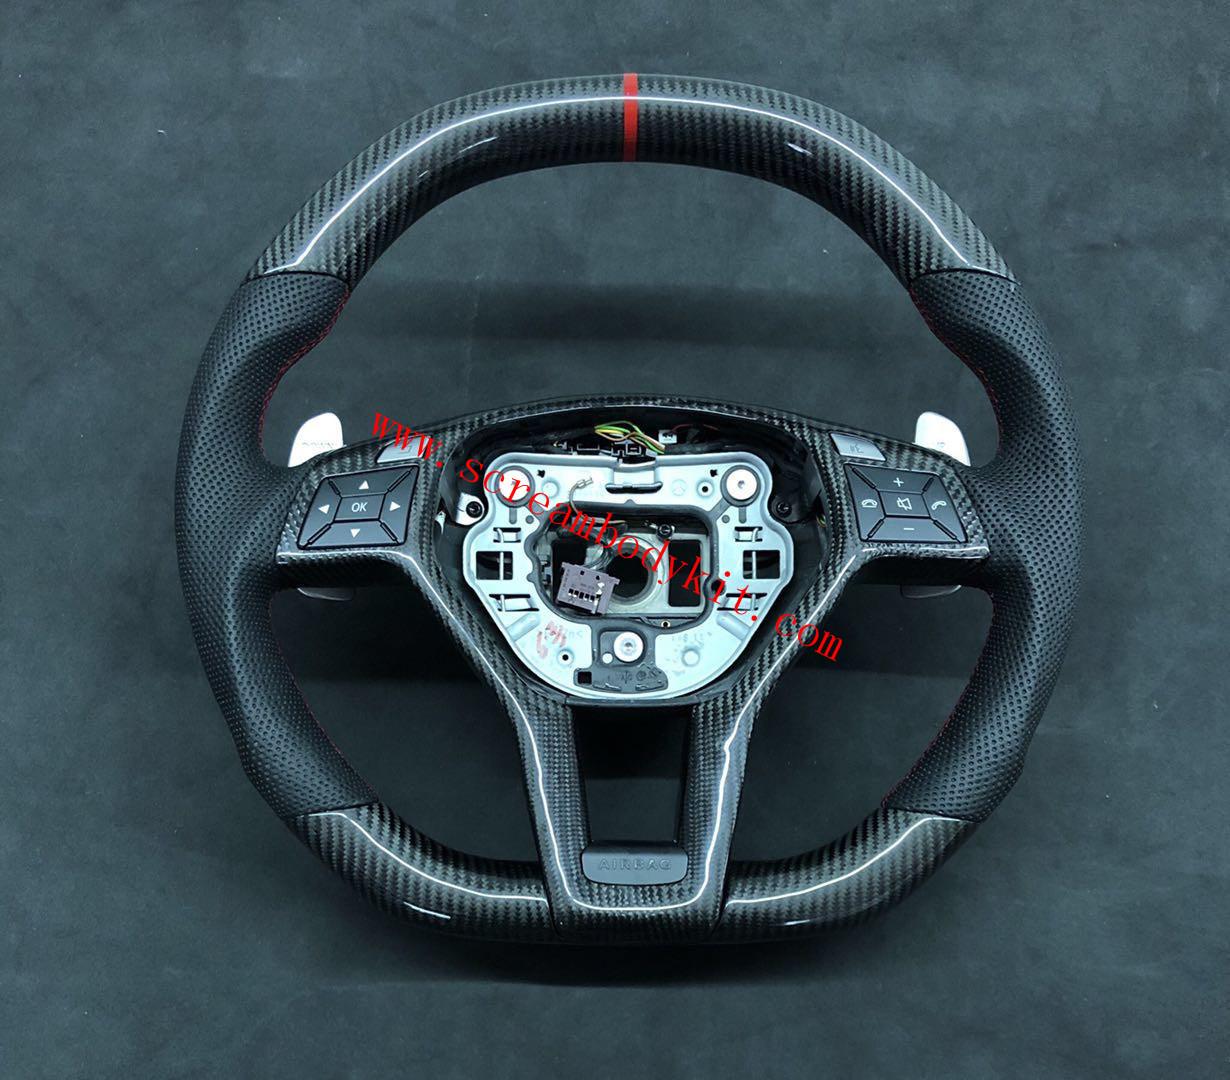 Mercedes-Ben W204 C63 AMG update carbon fiber Steering wheel